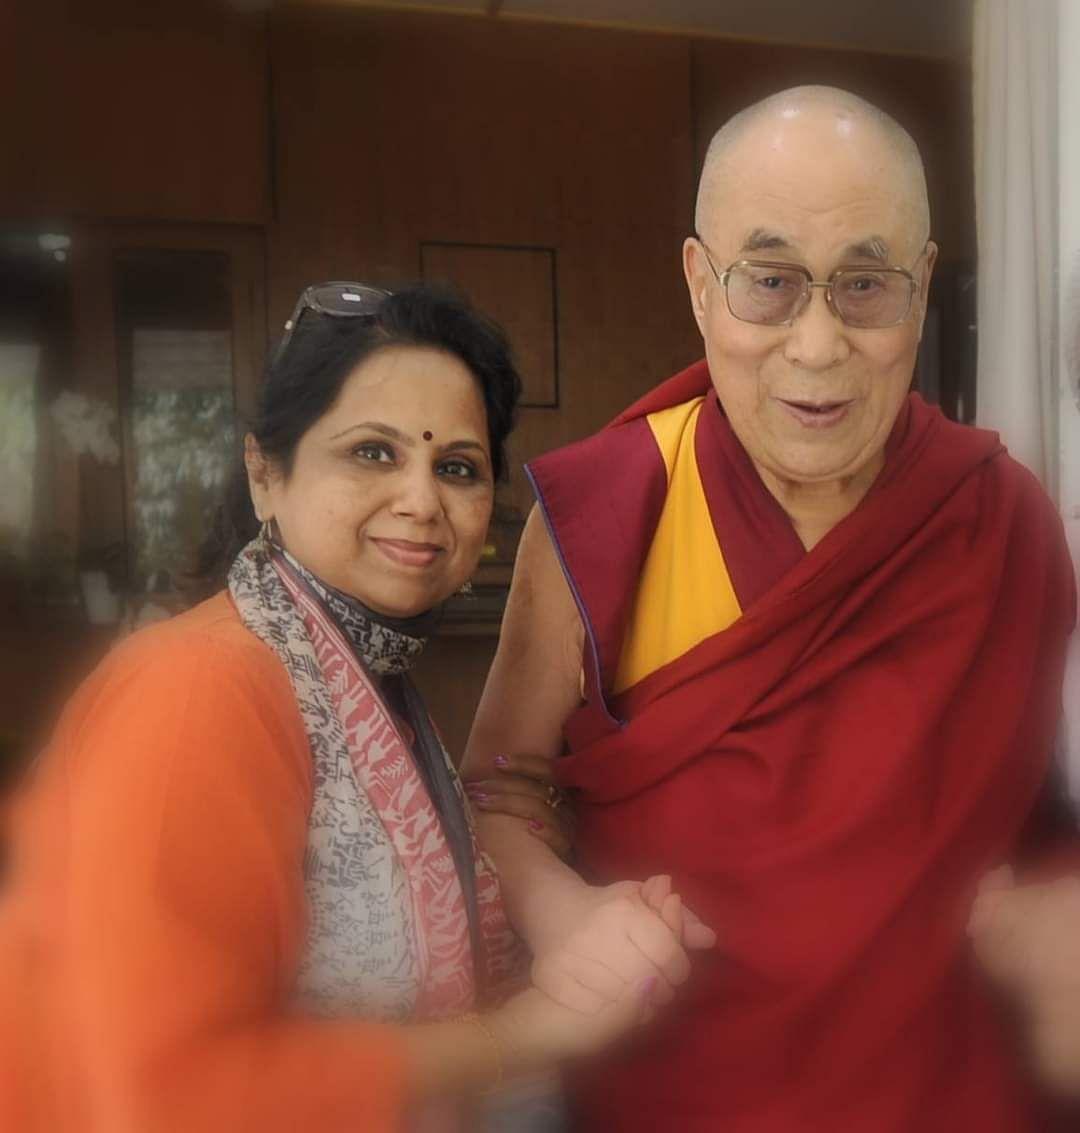 ಬೌದ್ಧರ ಪರಮೋಚ್ಛ ಗುರು ದಲೈಲಾಮಾ ಅವರೊಂದಿಗೆ.